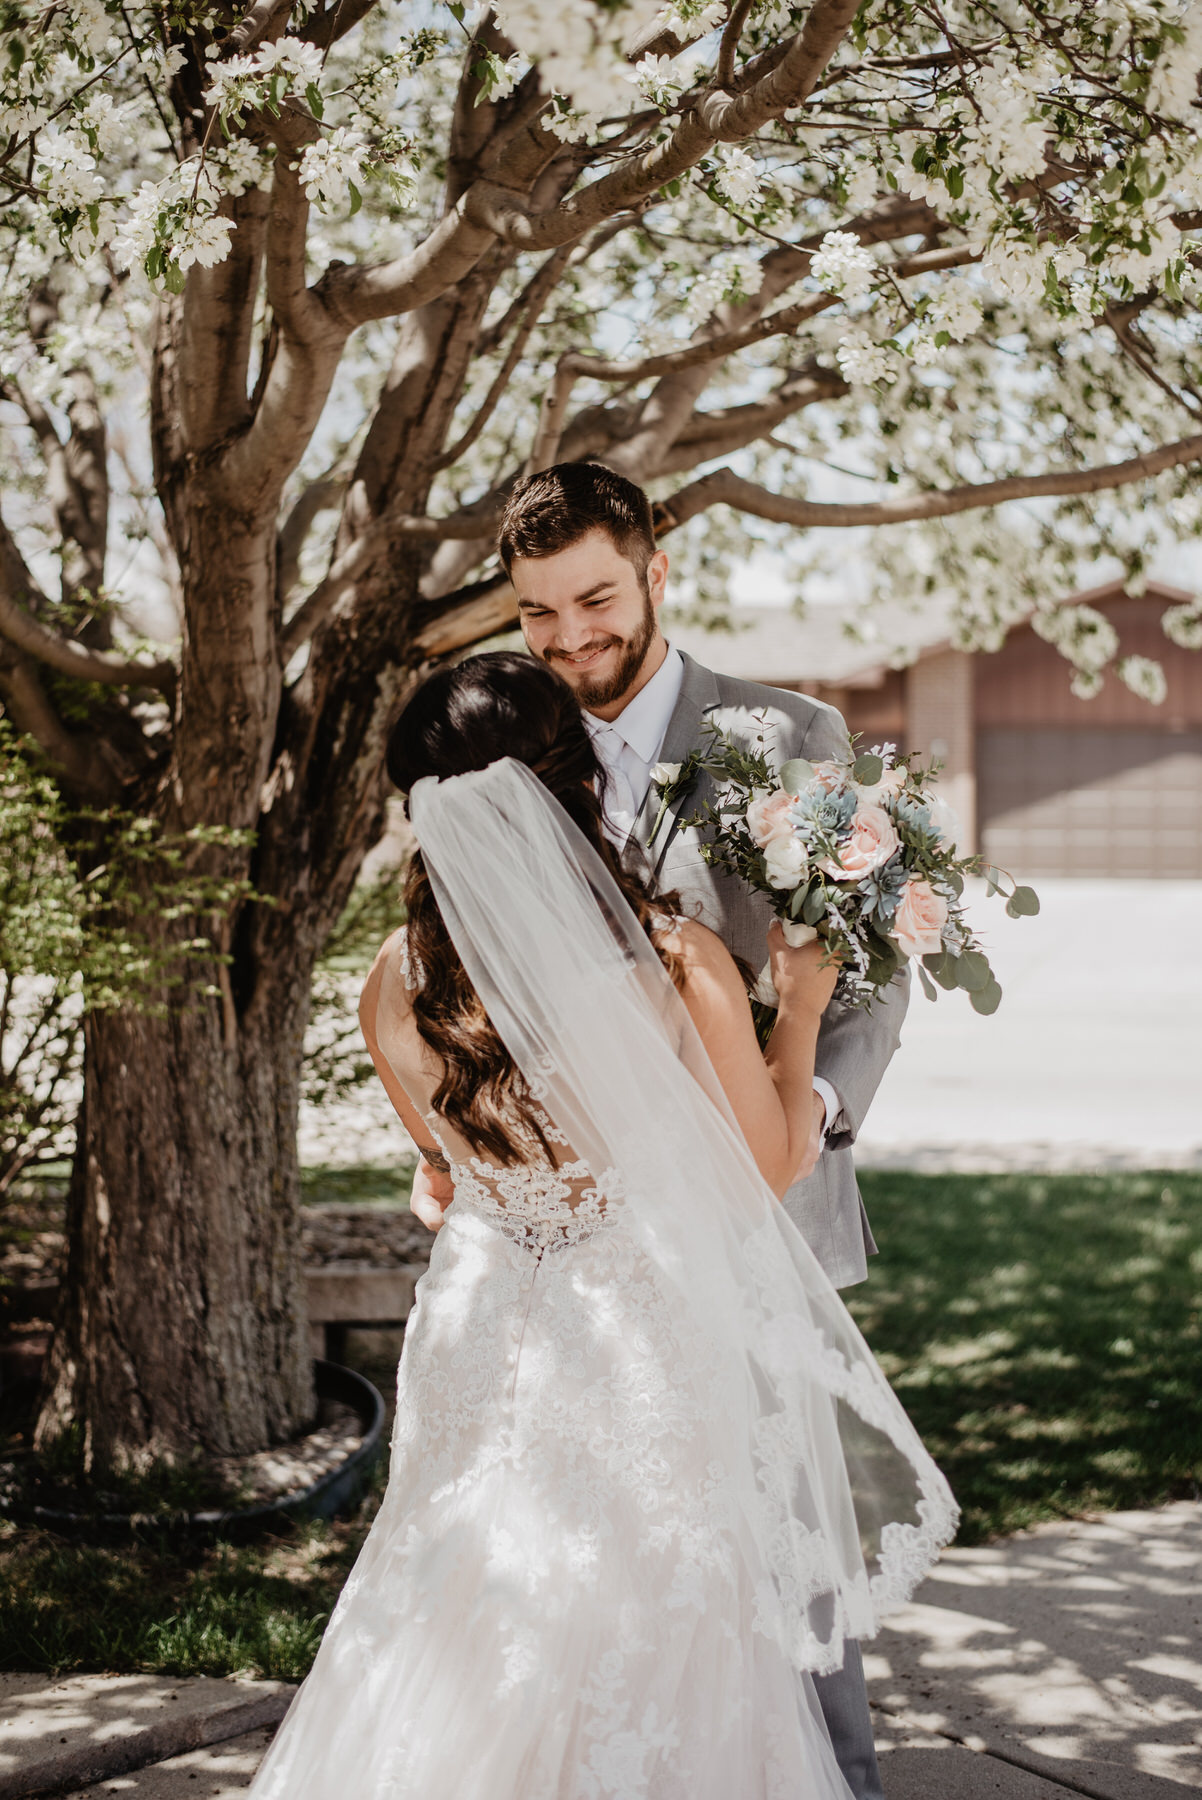 Kaylie-Sirek-Photography-Kearney-Nebraska-Wedding-039.jpg